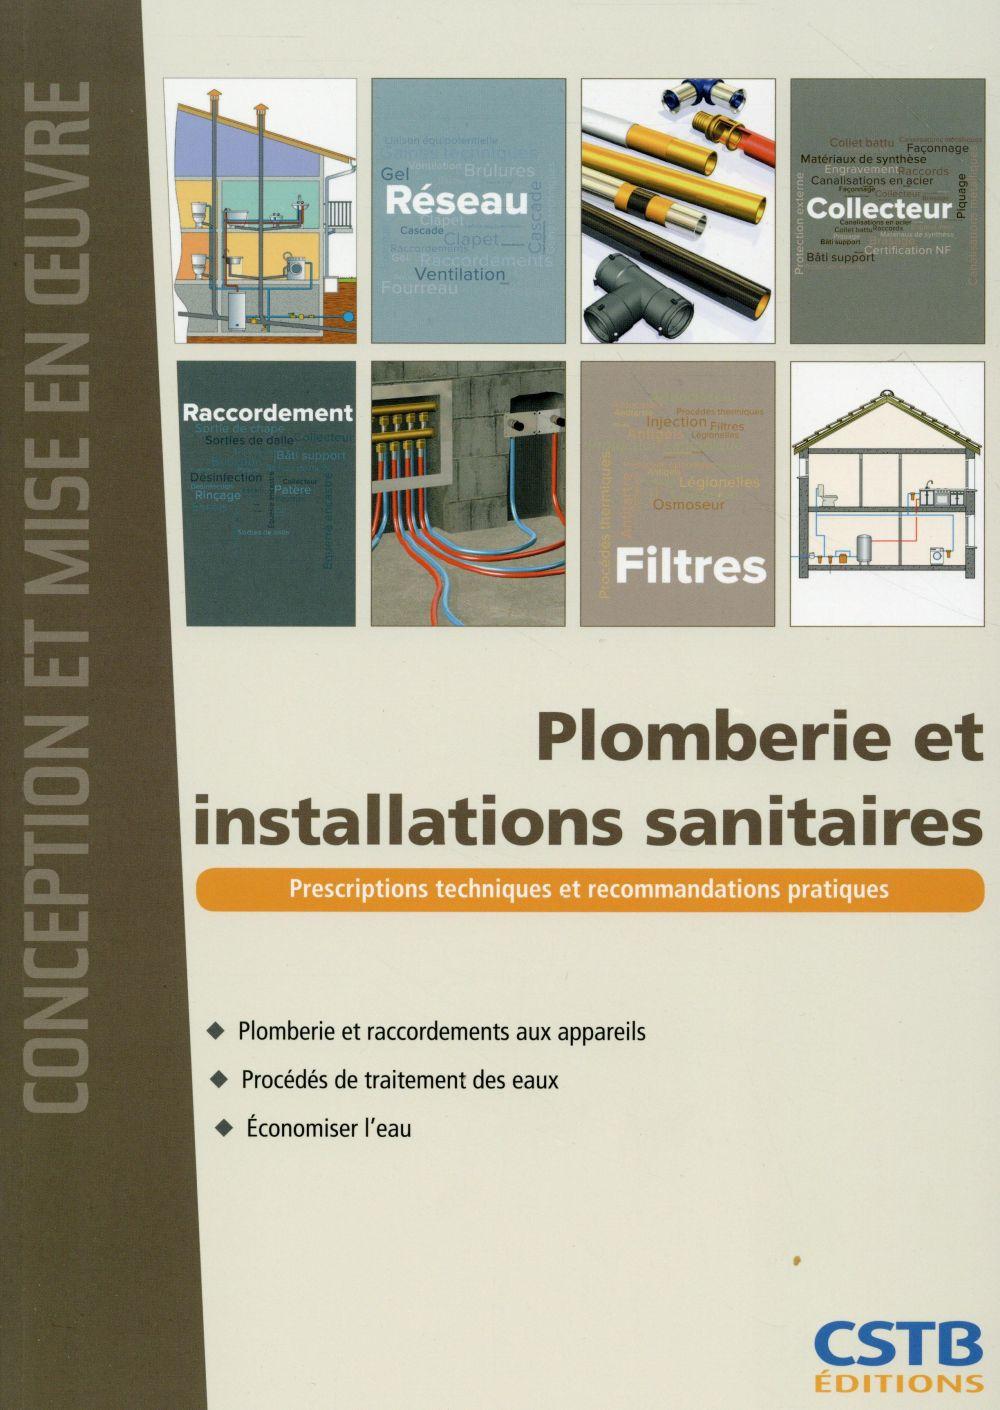 Plomberie et installations sanitaires ; prescription techniques et recommandations pratiques